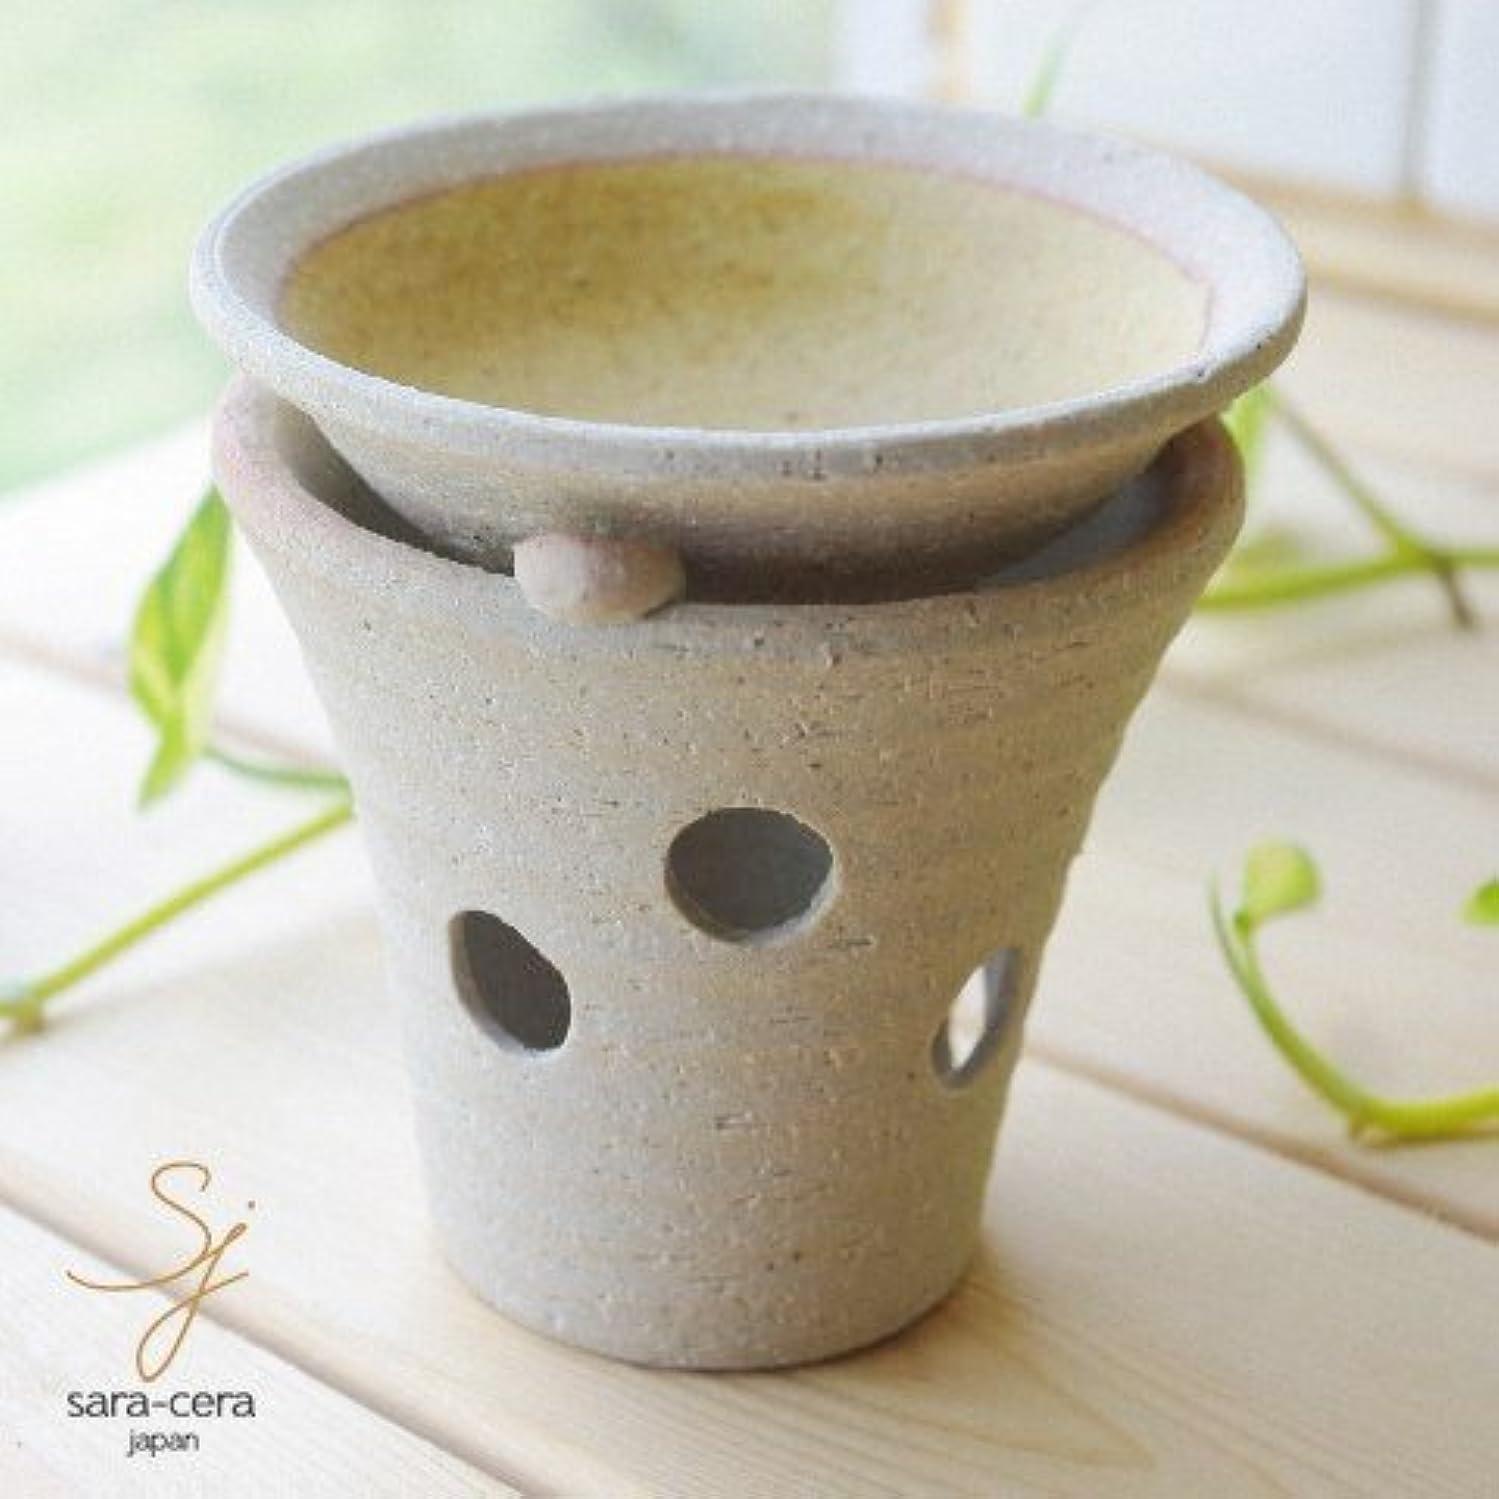 論理考古学的なレンズ松助窯 手作り茶香炉セット 黄釉 イエロー アロマ 和食器 リビング